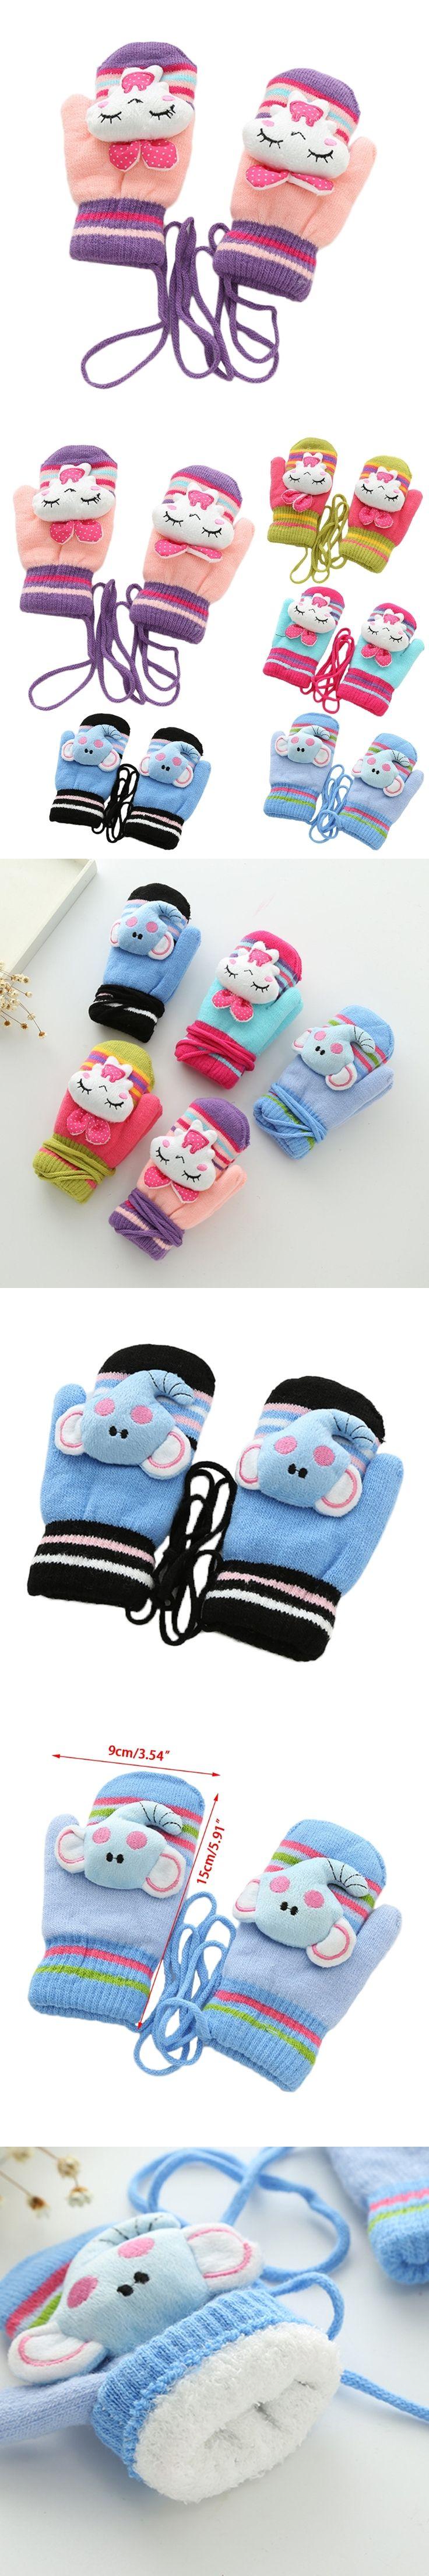 Children Cute Cartoon Kid Gloves Mittens Cold Winter Warm Knitted Velvet With Strip Acrylic Fiber Velvet wrist Gloves New Lovely